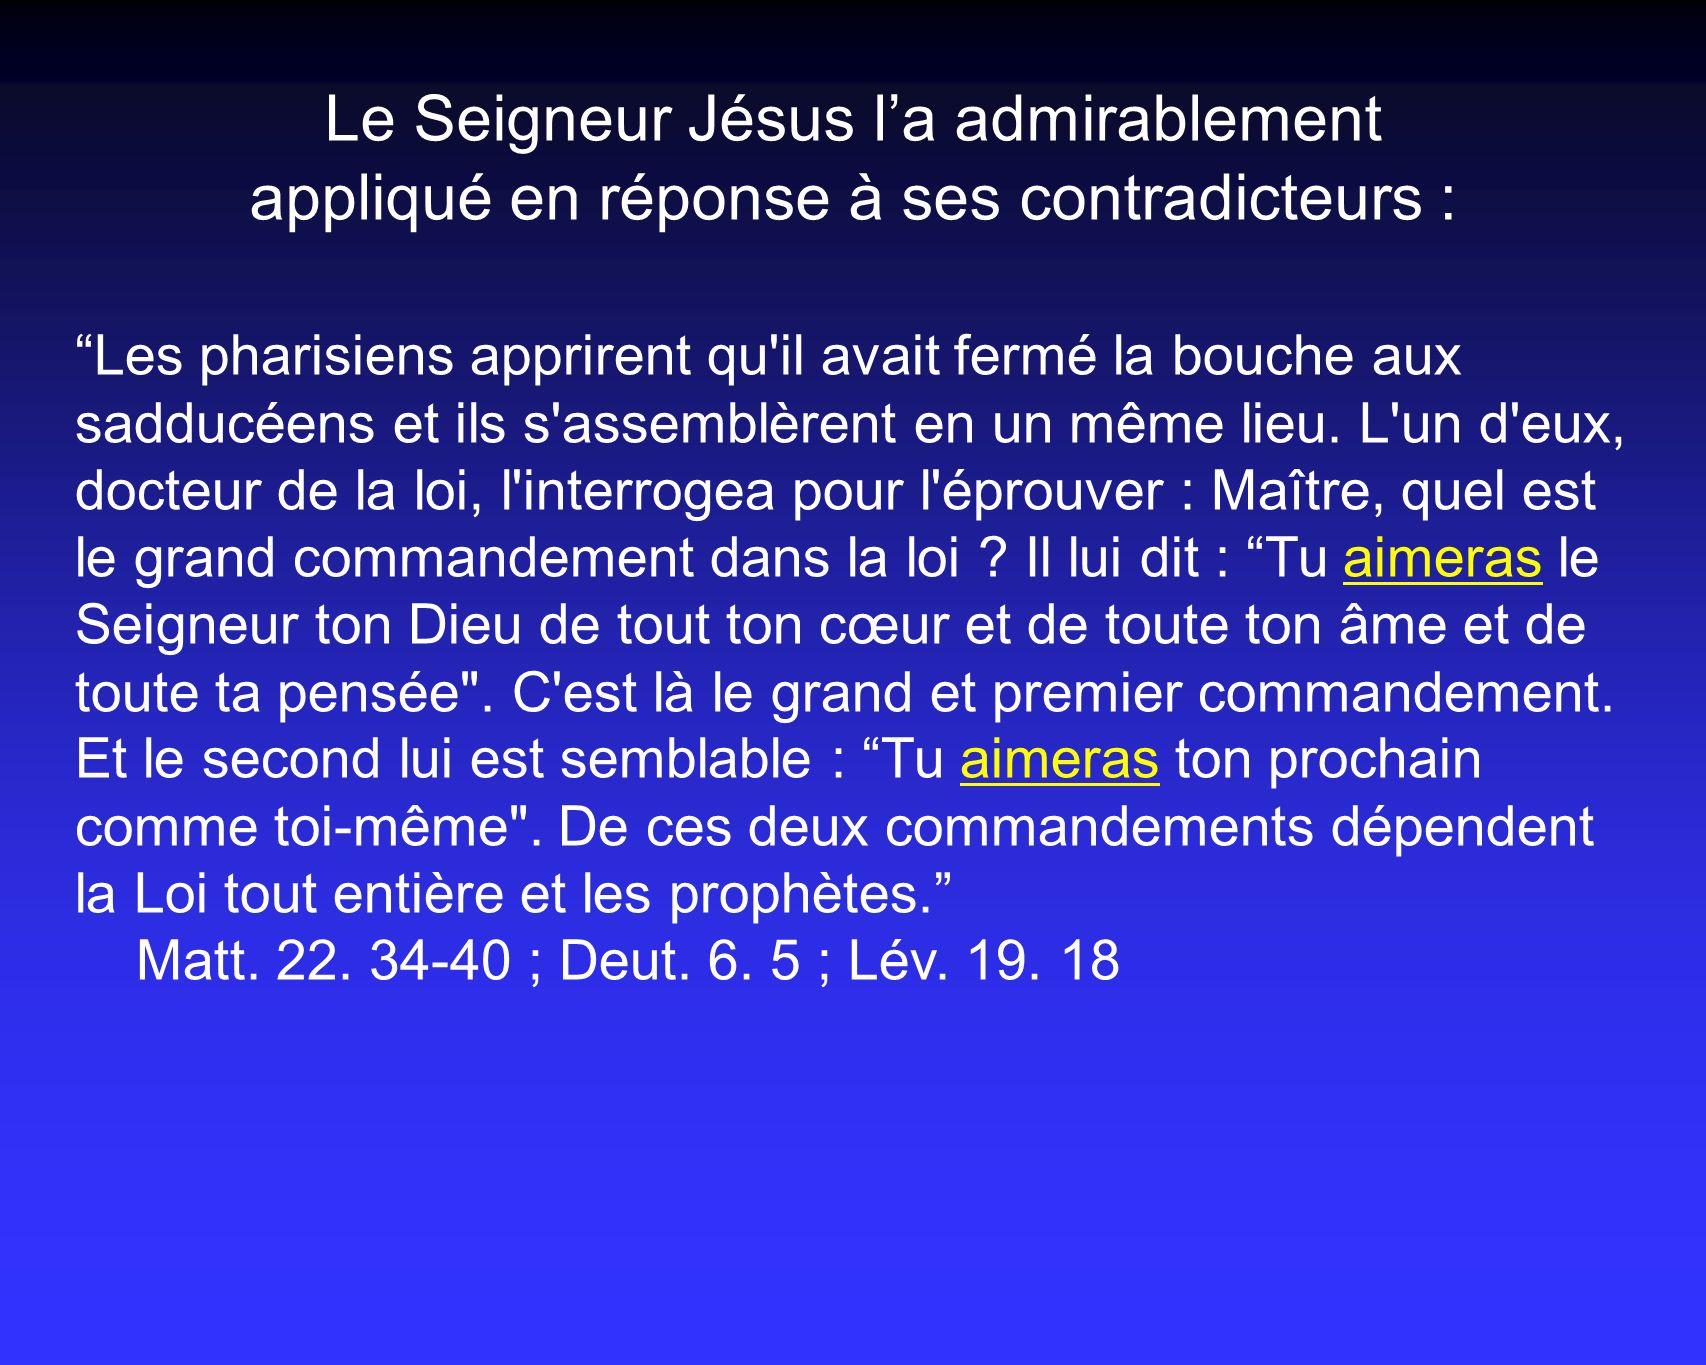 Le Seigneur Jésus la admirablement appliqué en réponse à ses contradicteurs : Les pharisiens apprirent qu il avait fermé la bouche aux sadducéens et ils s assemblèrent en un même lieu.